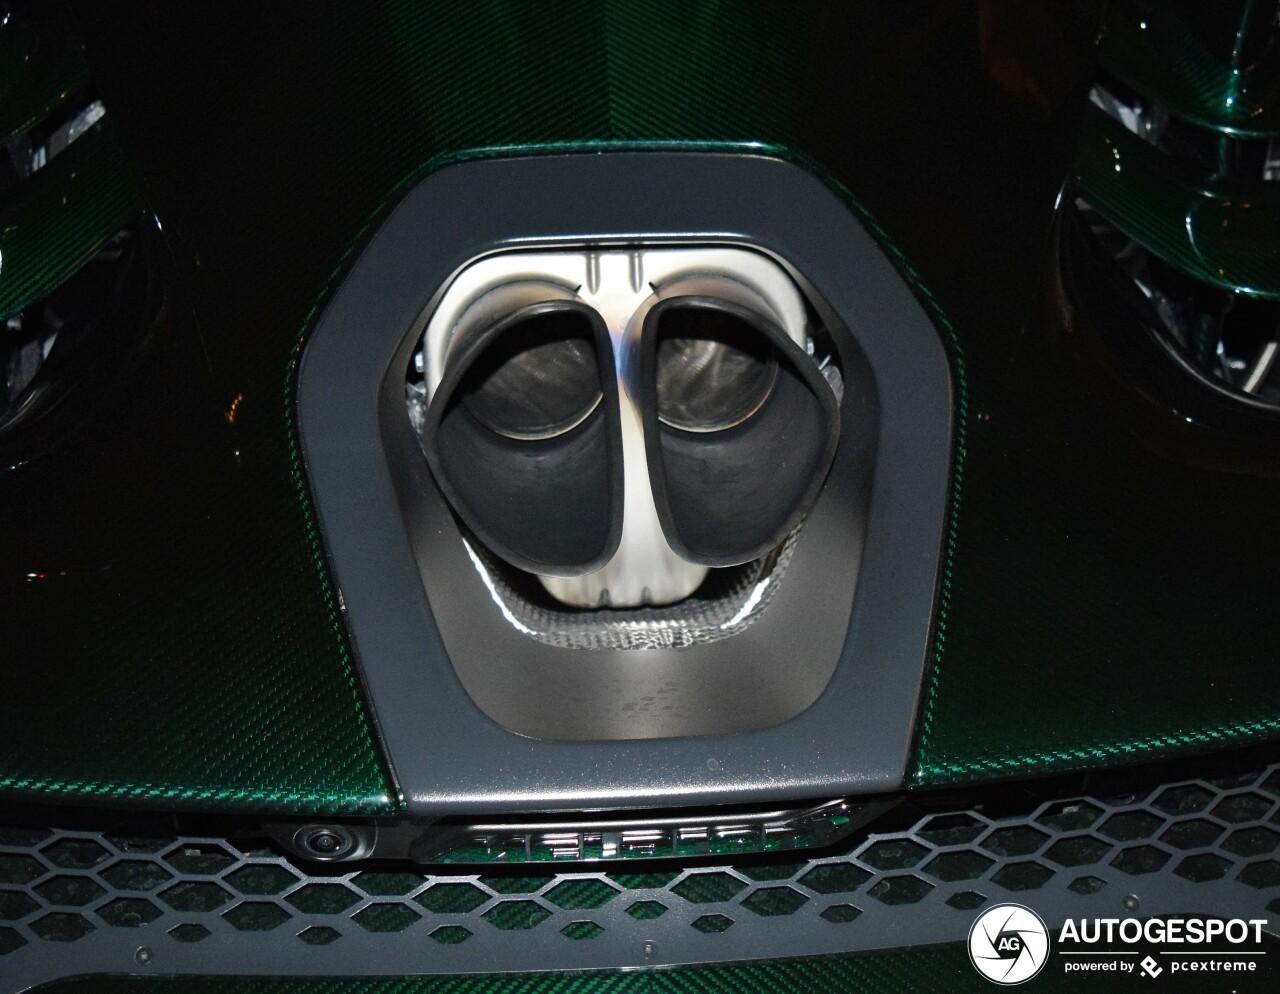 Siêu xe triệu đô McLaren Senna mất khoảng thời gian 2,8 giây để tăng tốc từ vị trí xuất phát lên 100 km/h